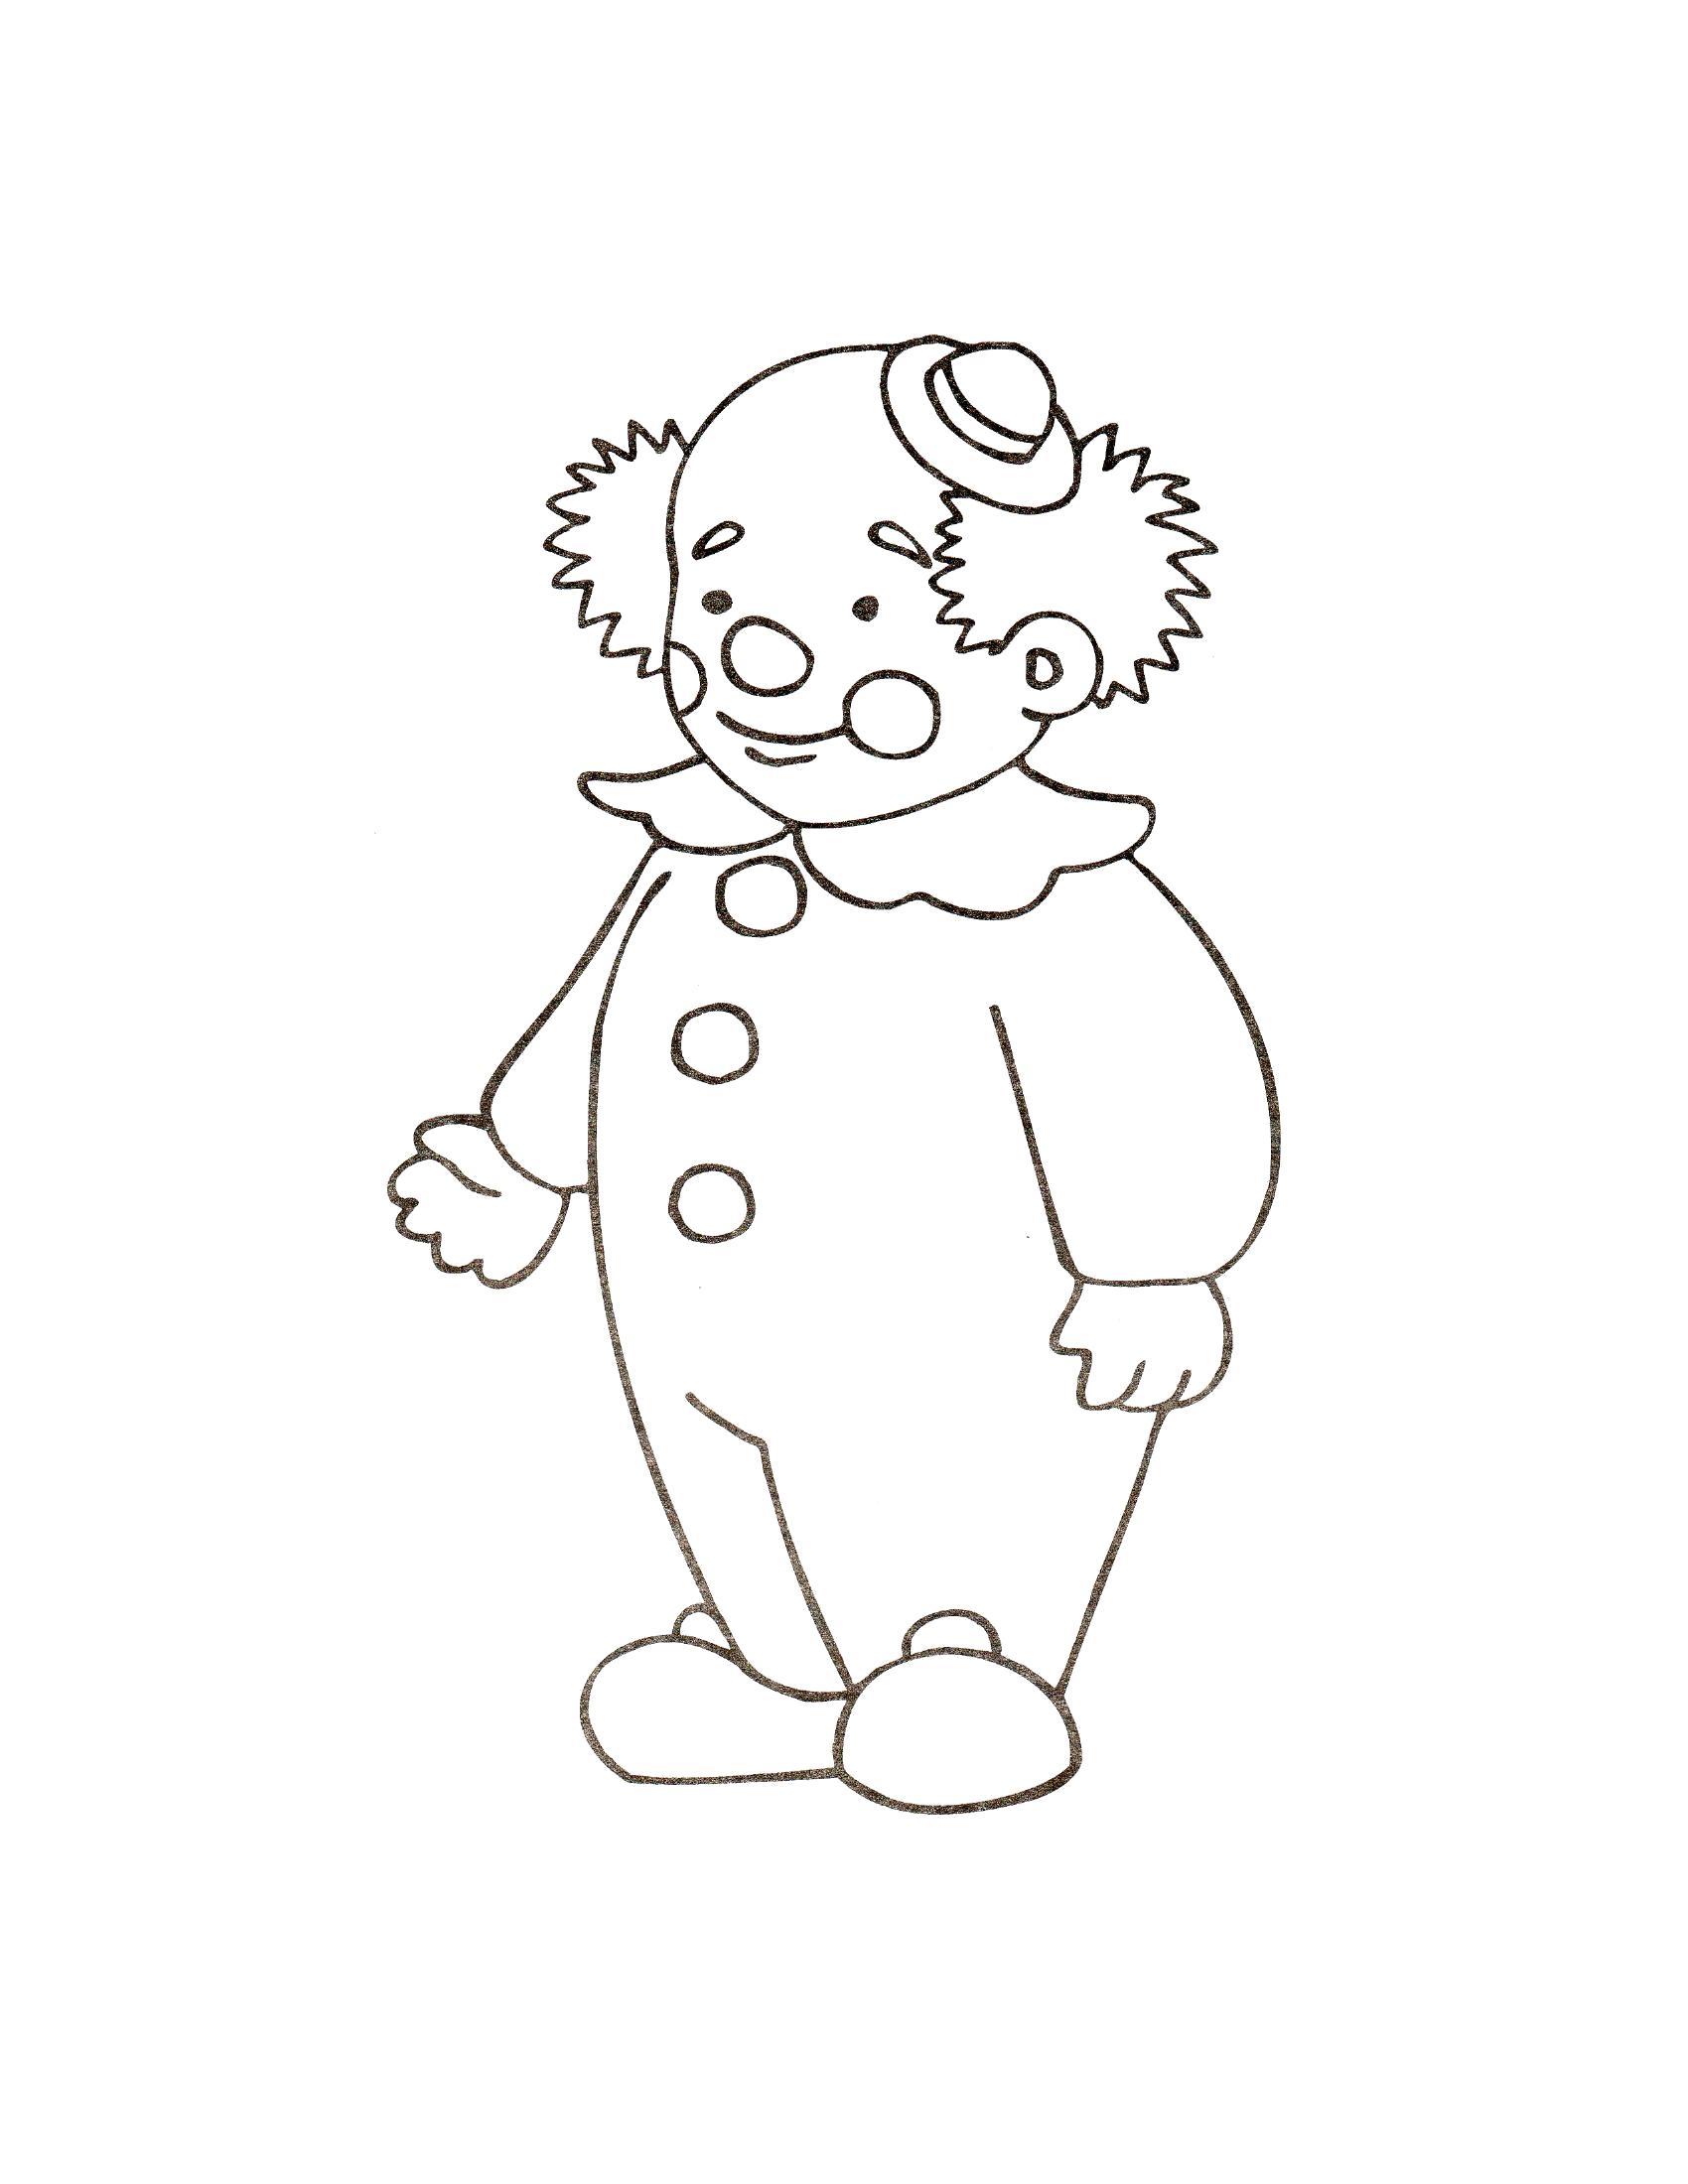 Раскраска Клоун в комбинезончике. Скачать клоун.  Распечатать клоун